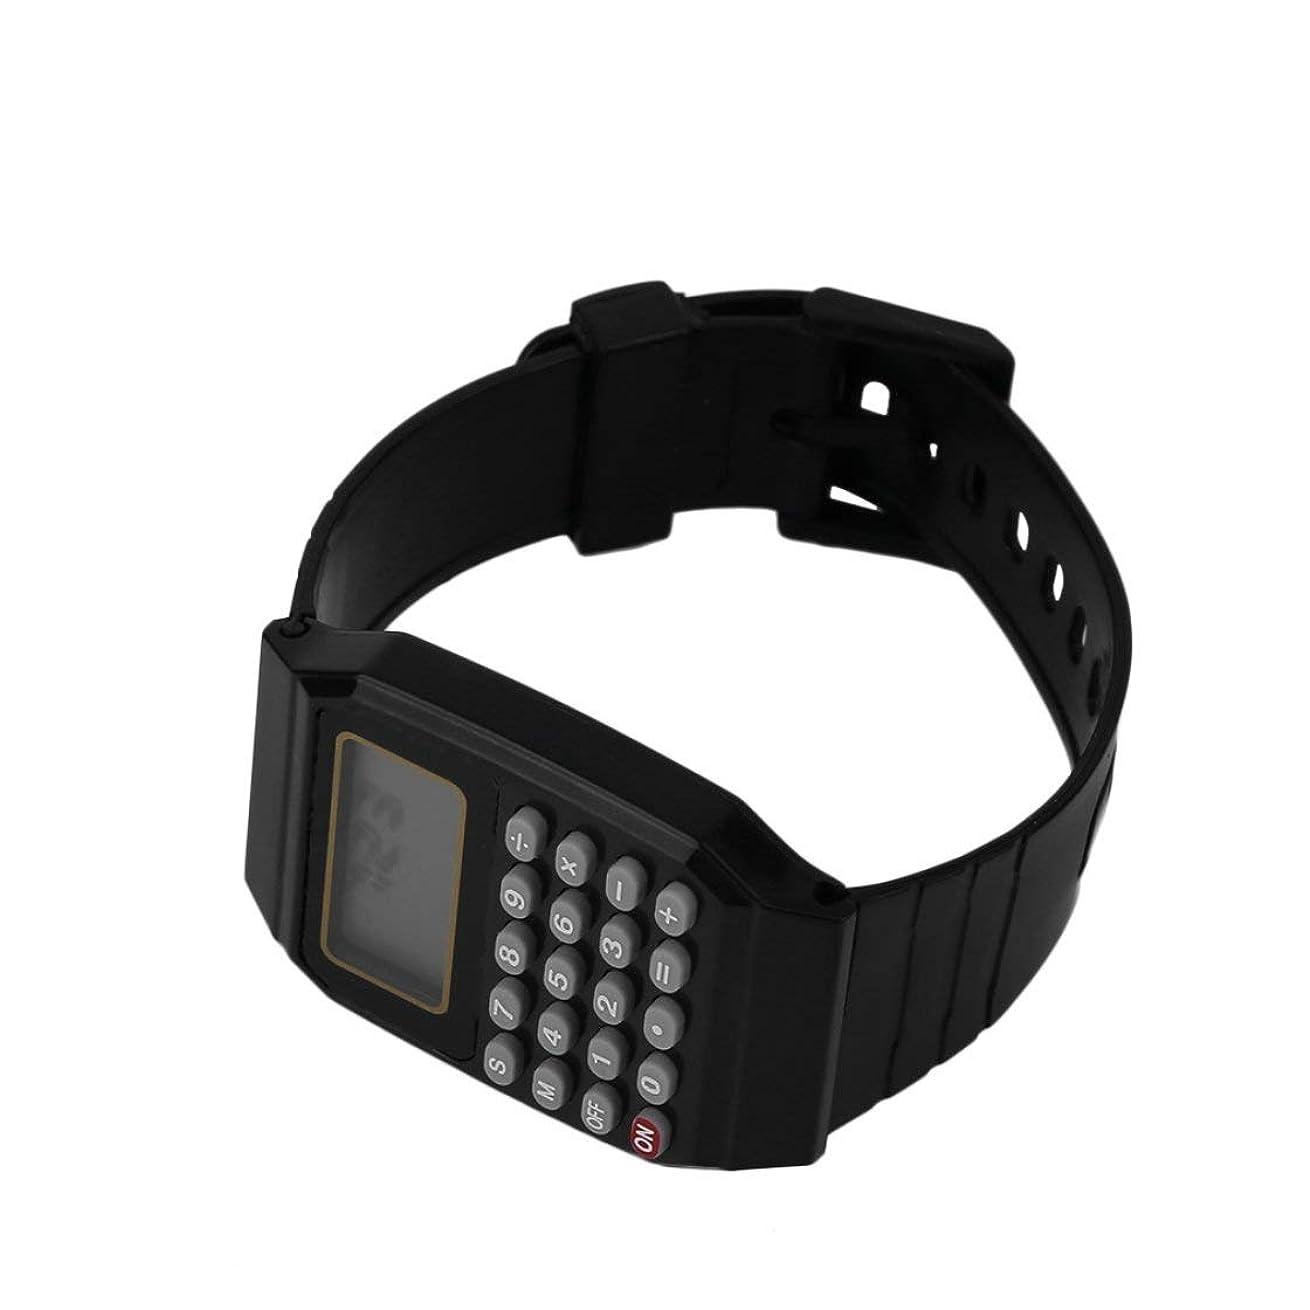 経験者食欲重荷実用的な子供学生電卓デジタル腕時計単色シリコーン快適な摩耗電卓腕時計子供のため (Rustle666)